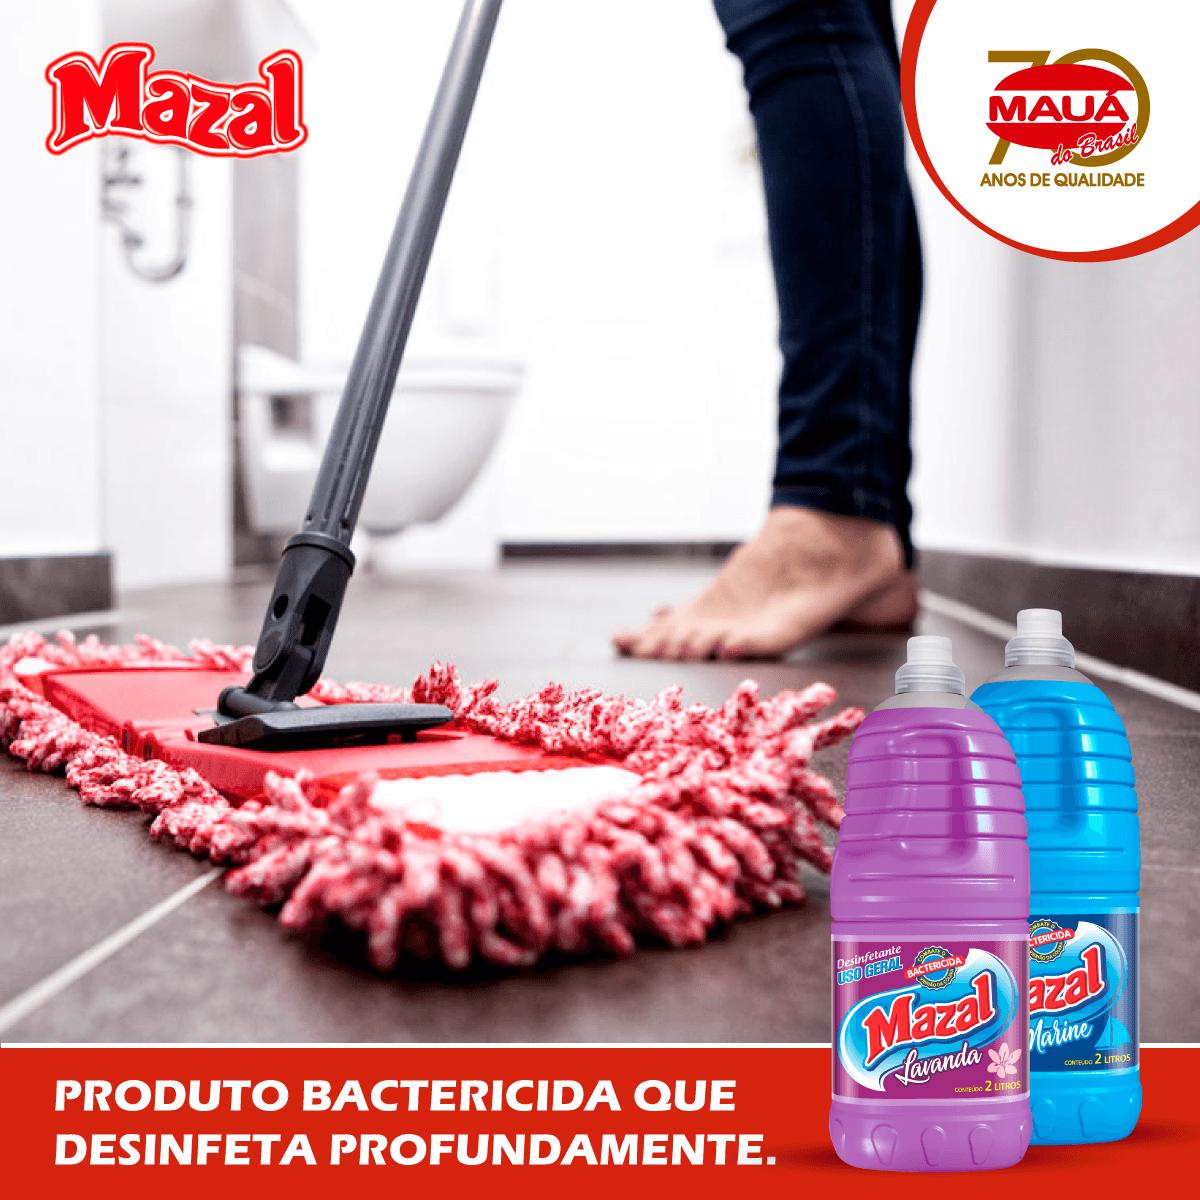 Banheiro limpo com Mazal!